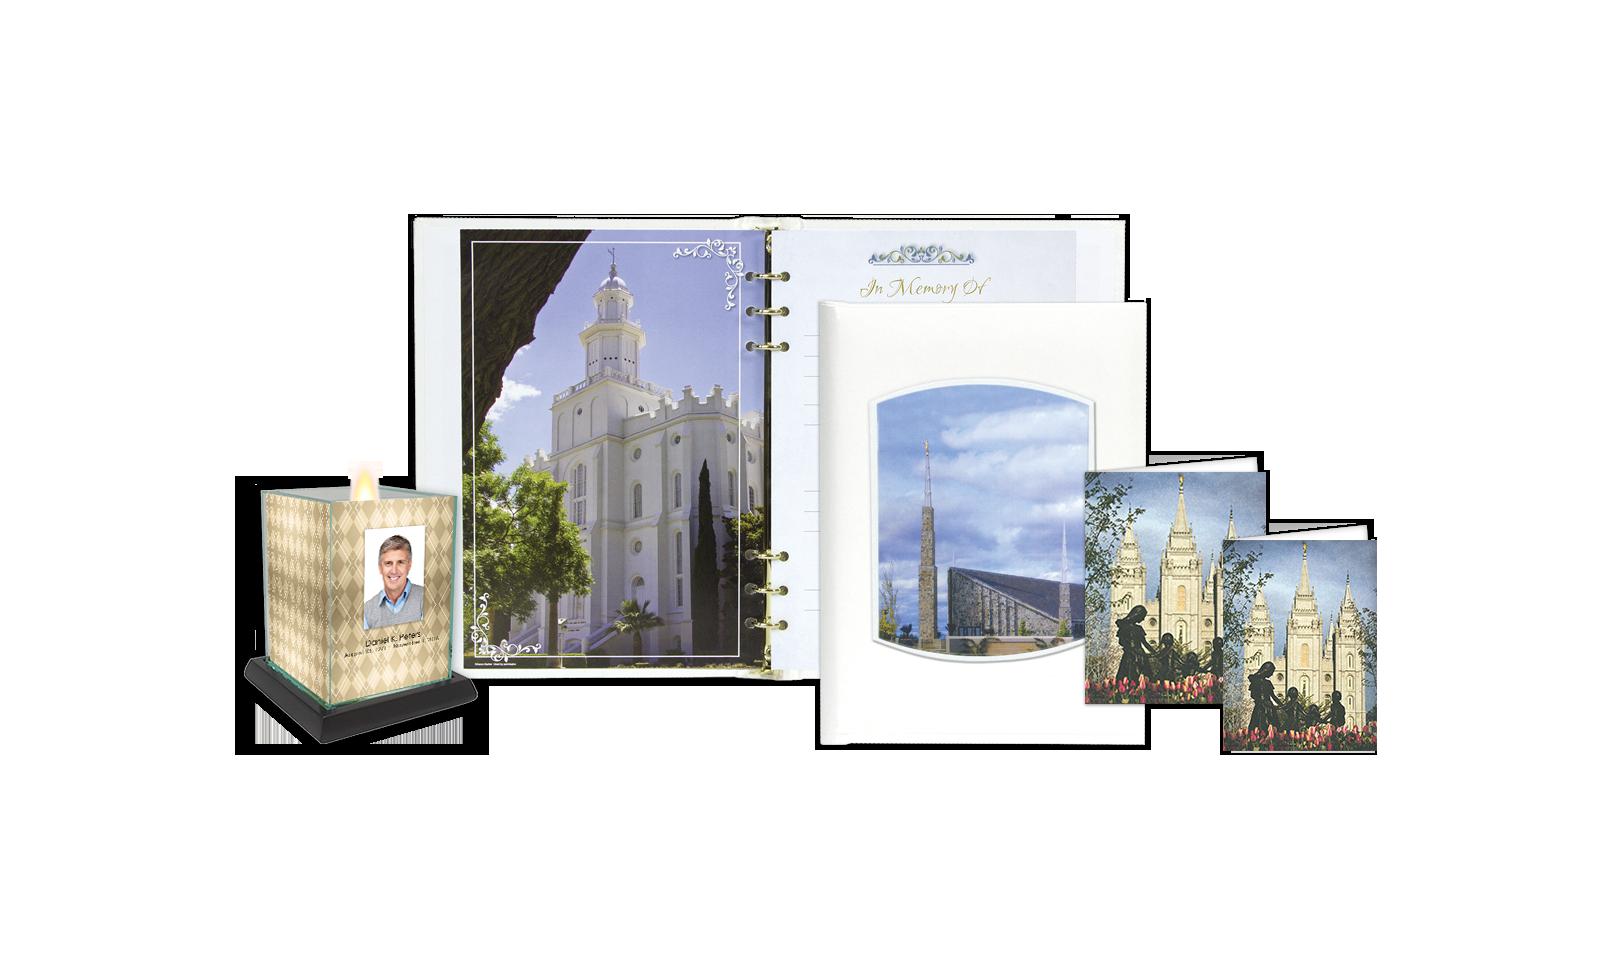 ROL Latter Day Saints Boise Temple Series 302 LDS